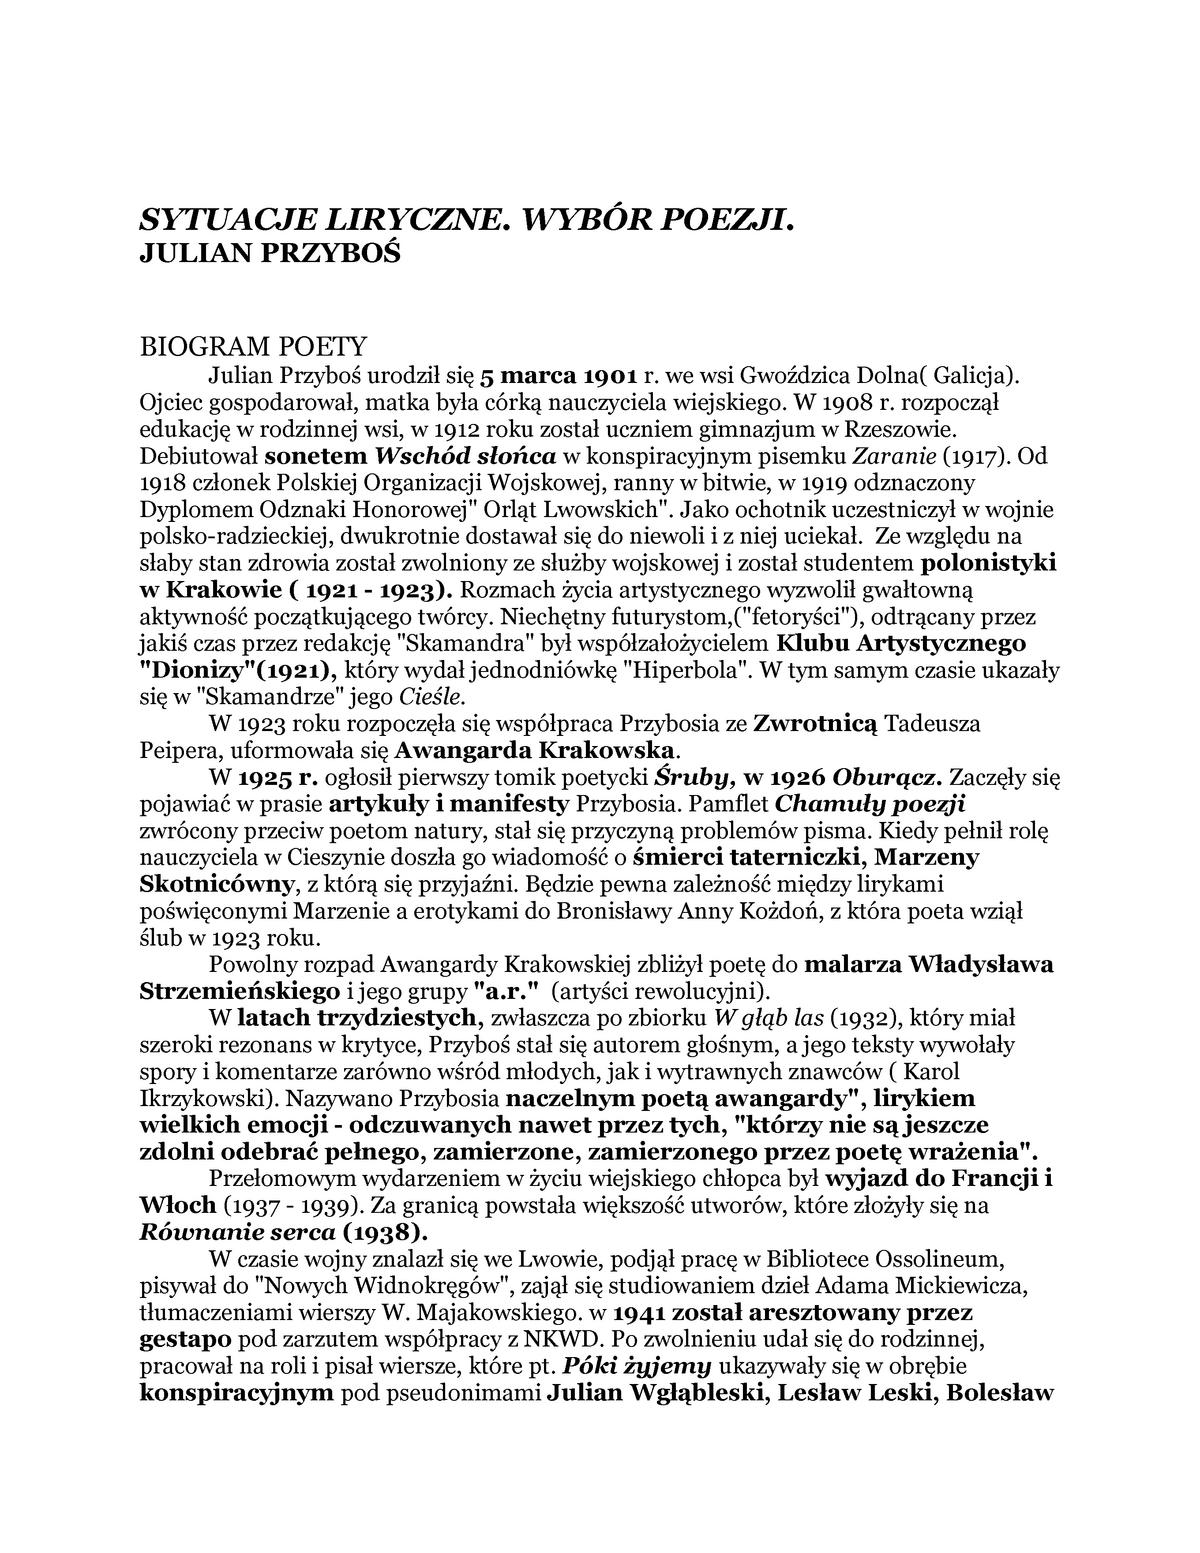 Przyboś Sytuacje Liryczne Filologia Polska Uwm Studocu